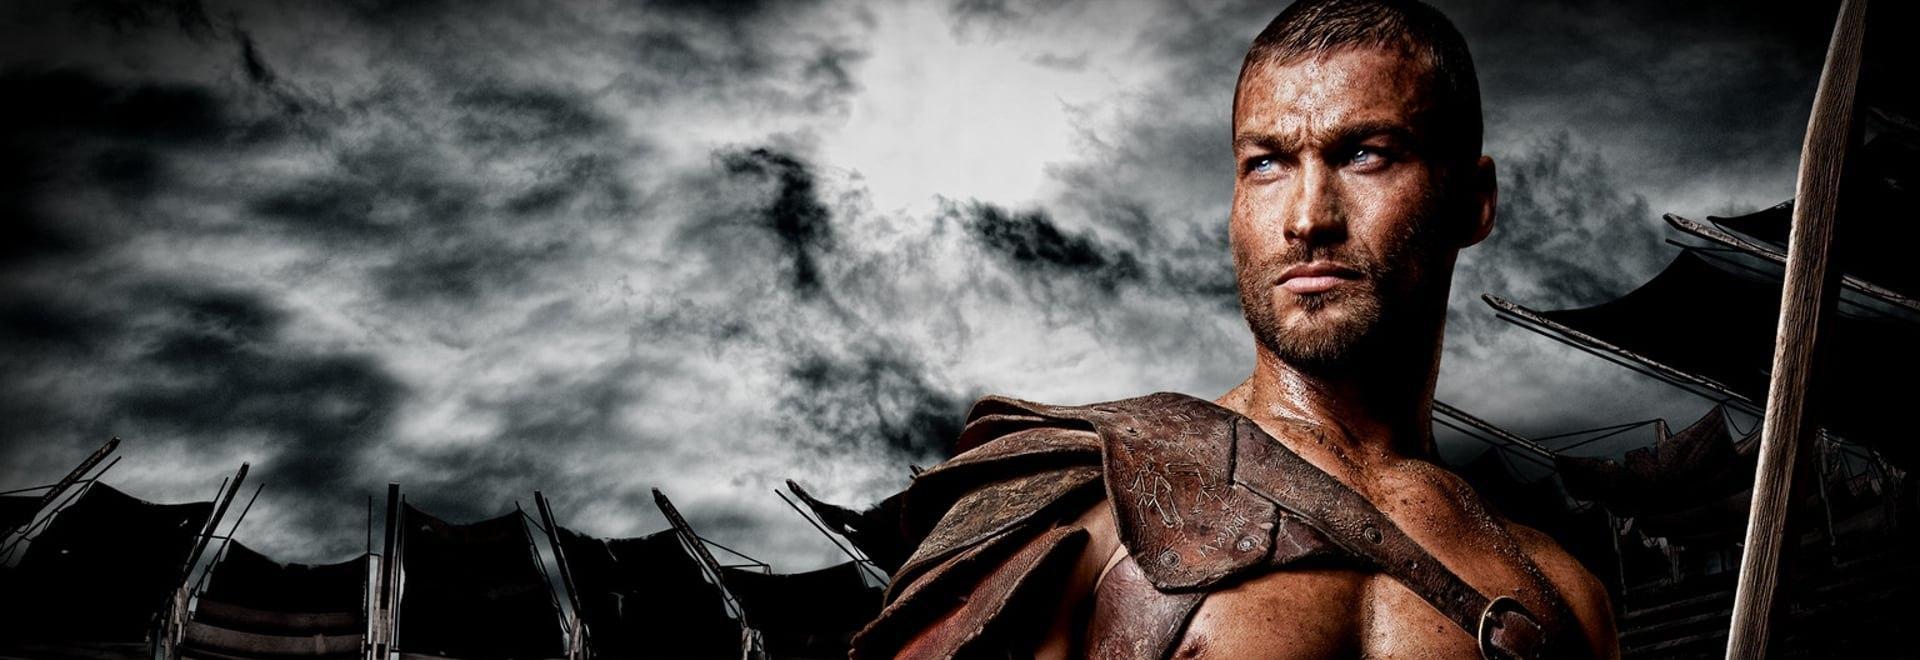 Spartacus - Sangue e sabbia (v.i.)